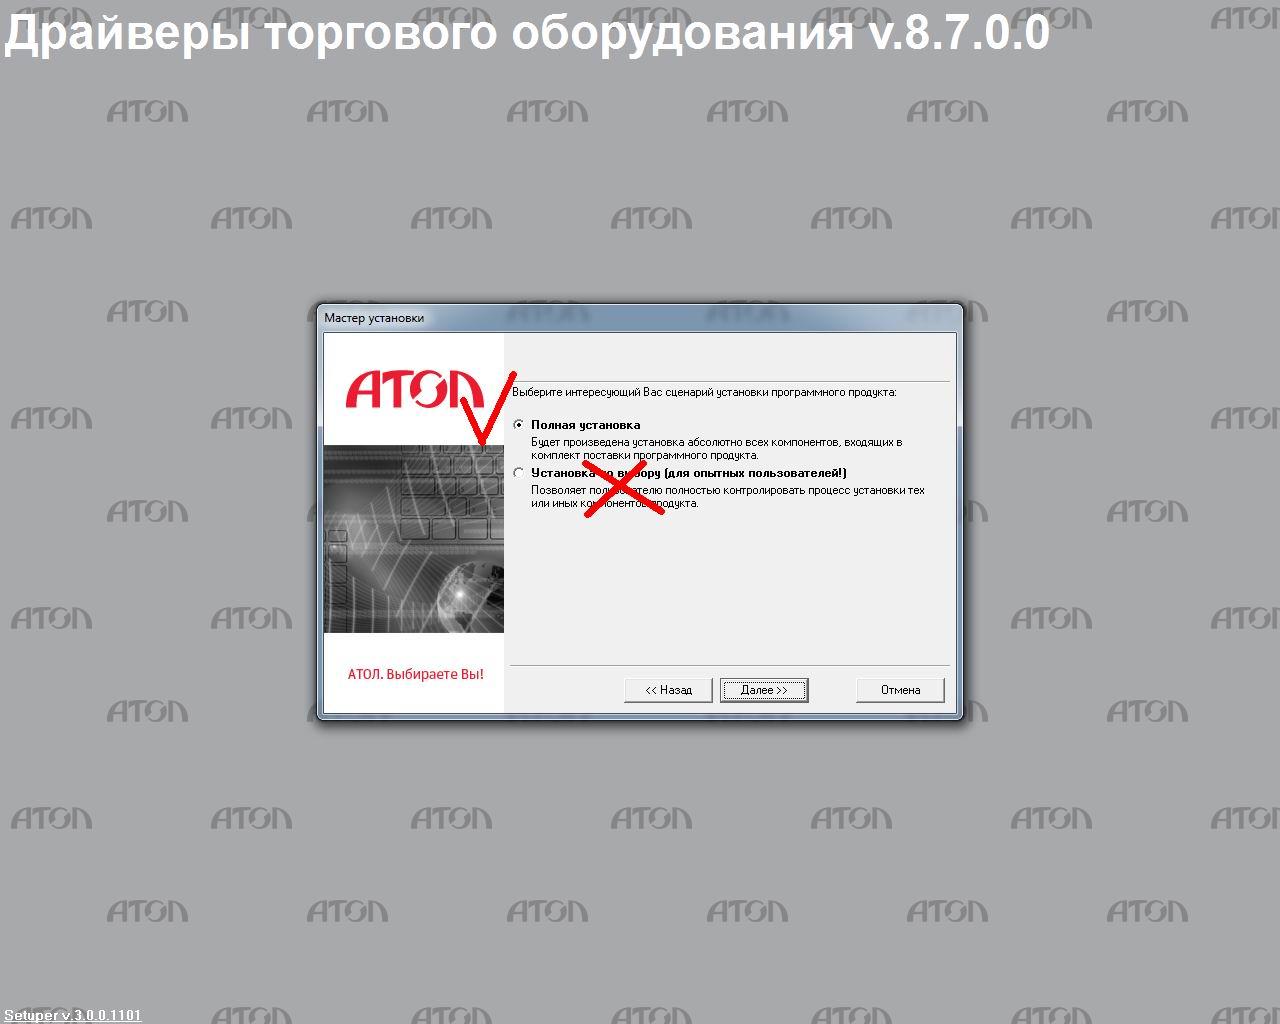 ДТО 8.7.0.0, пункт установка по выбору не работает!!!